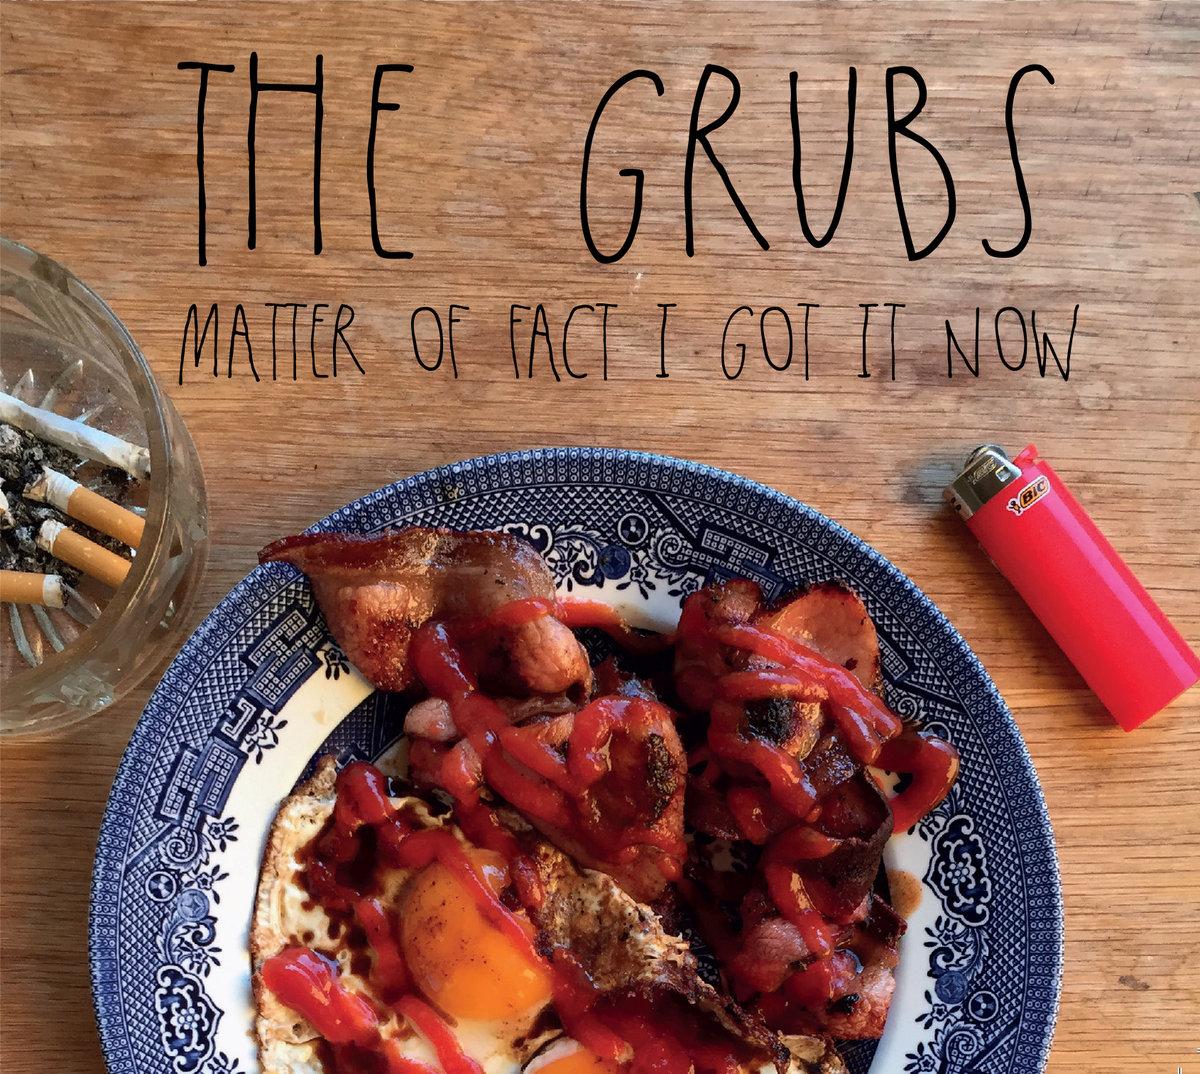 The Grubs - Matter Of Fact I Got It Now